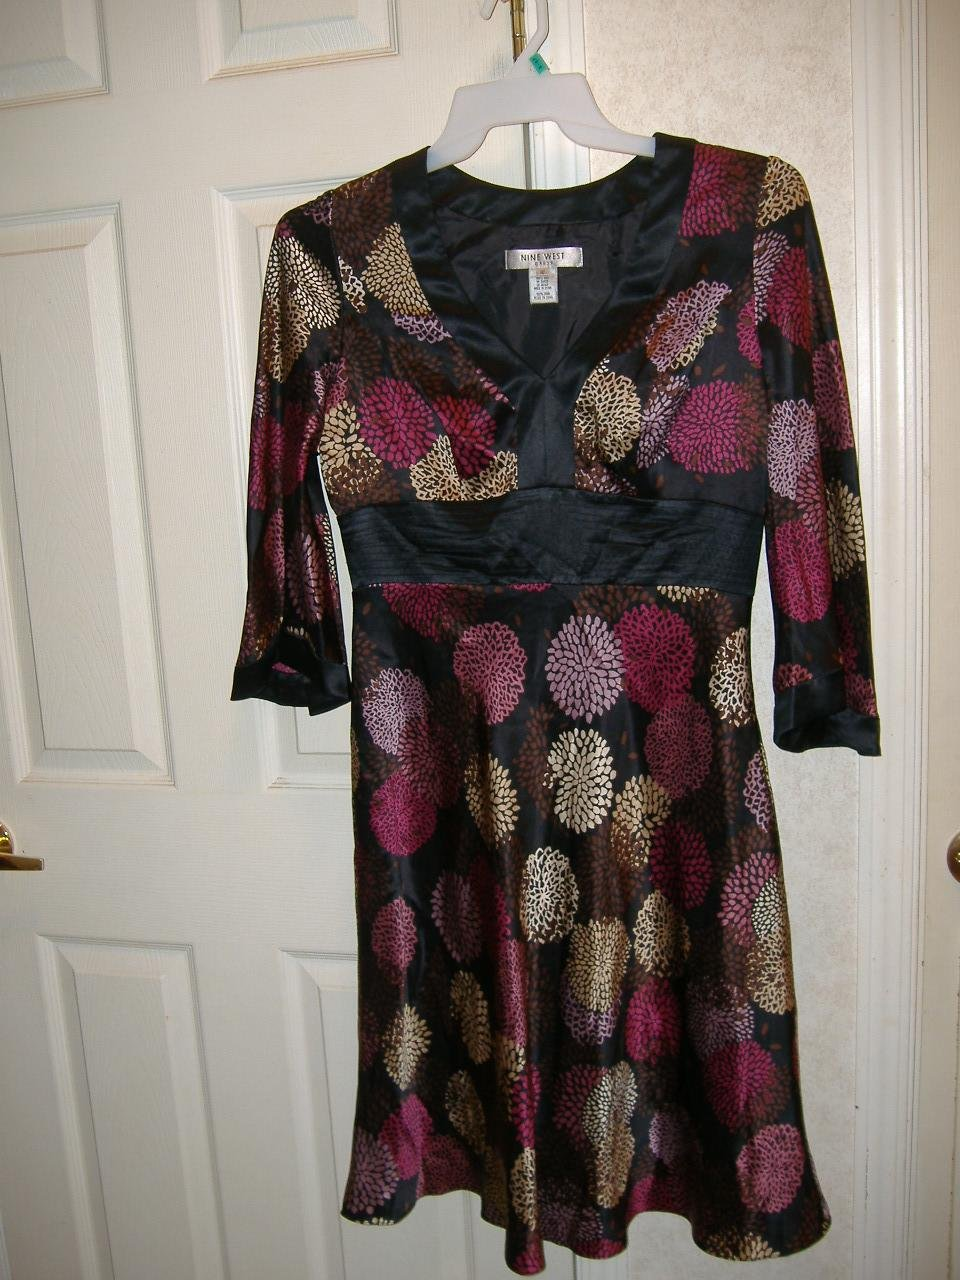 Ladies Dress By Nine West Dress   Size 10